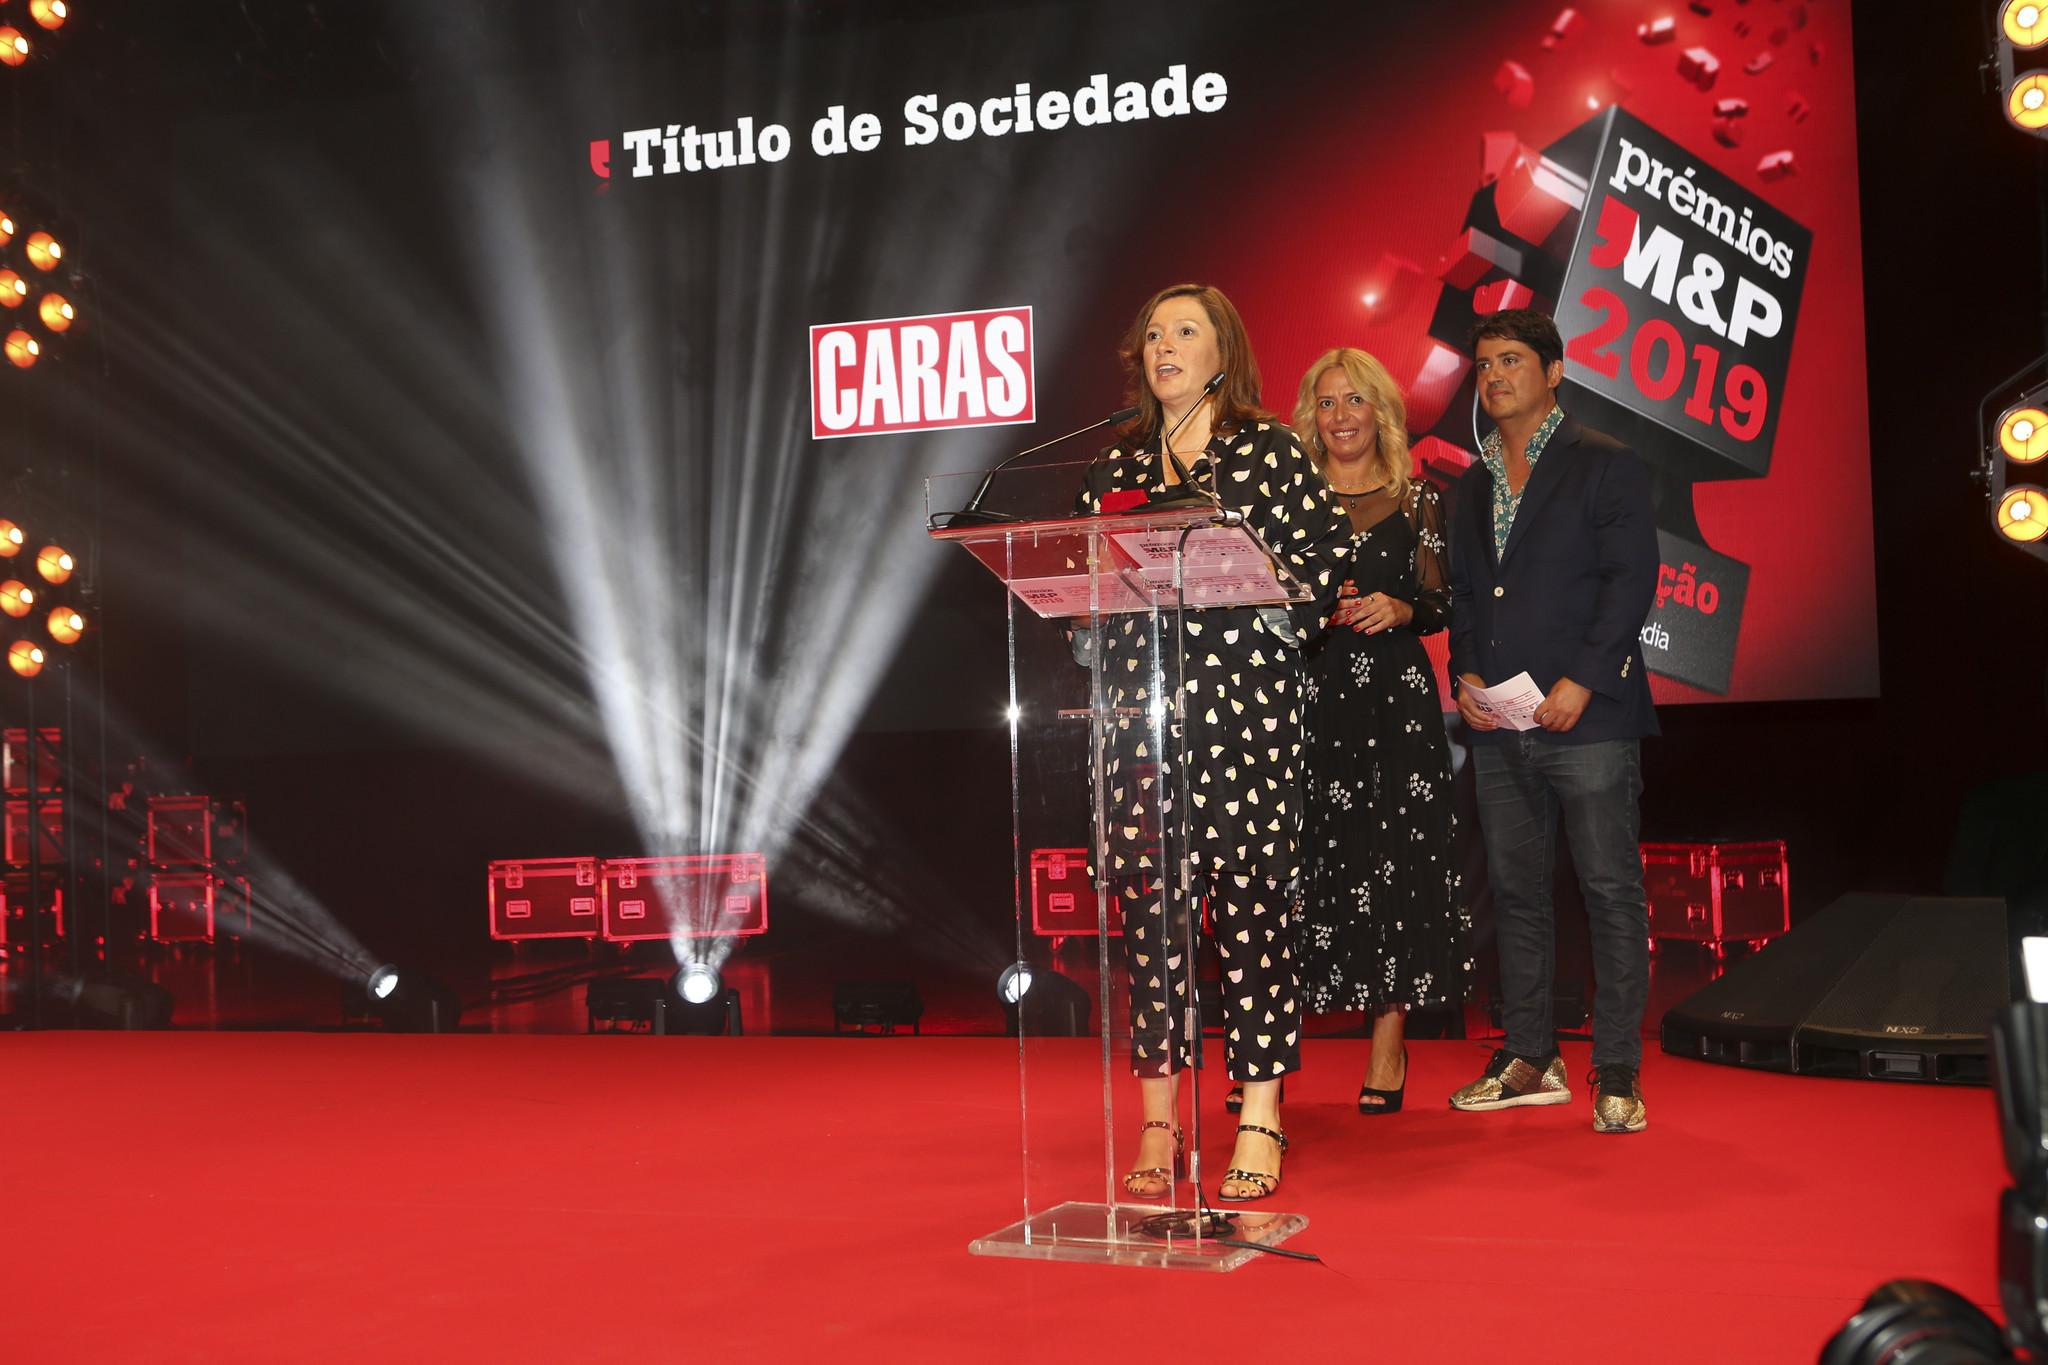 Premios Meios & Publicidade 03-10-19 PJF-17.jpg